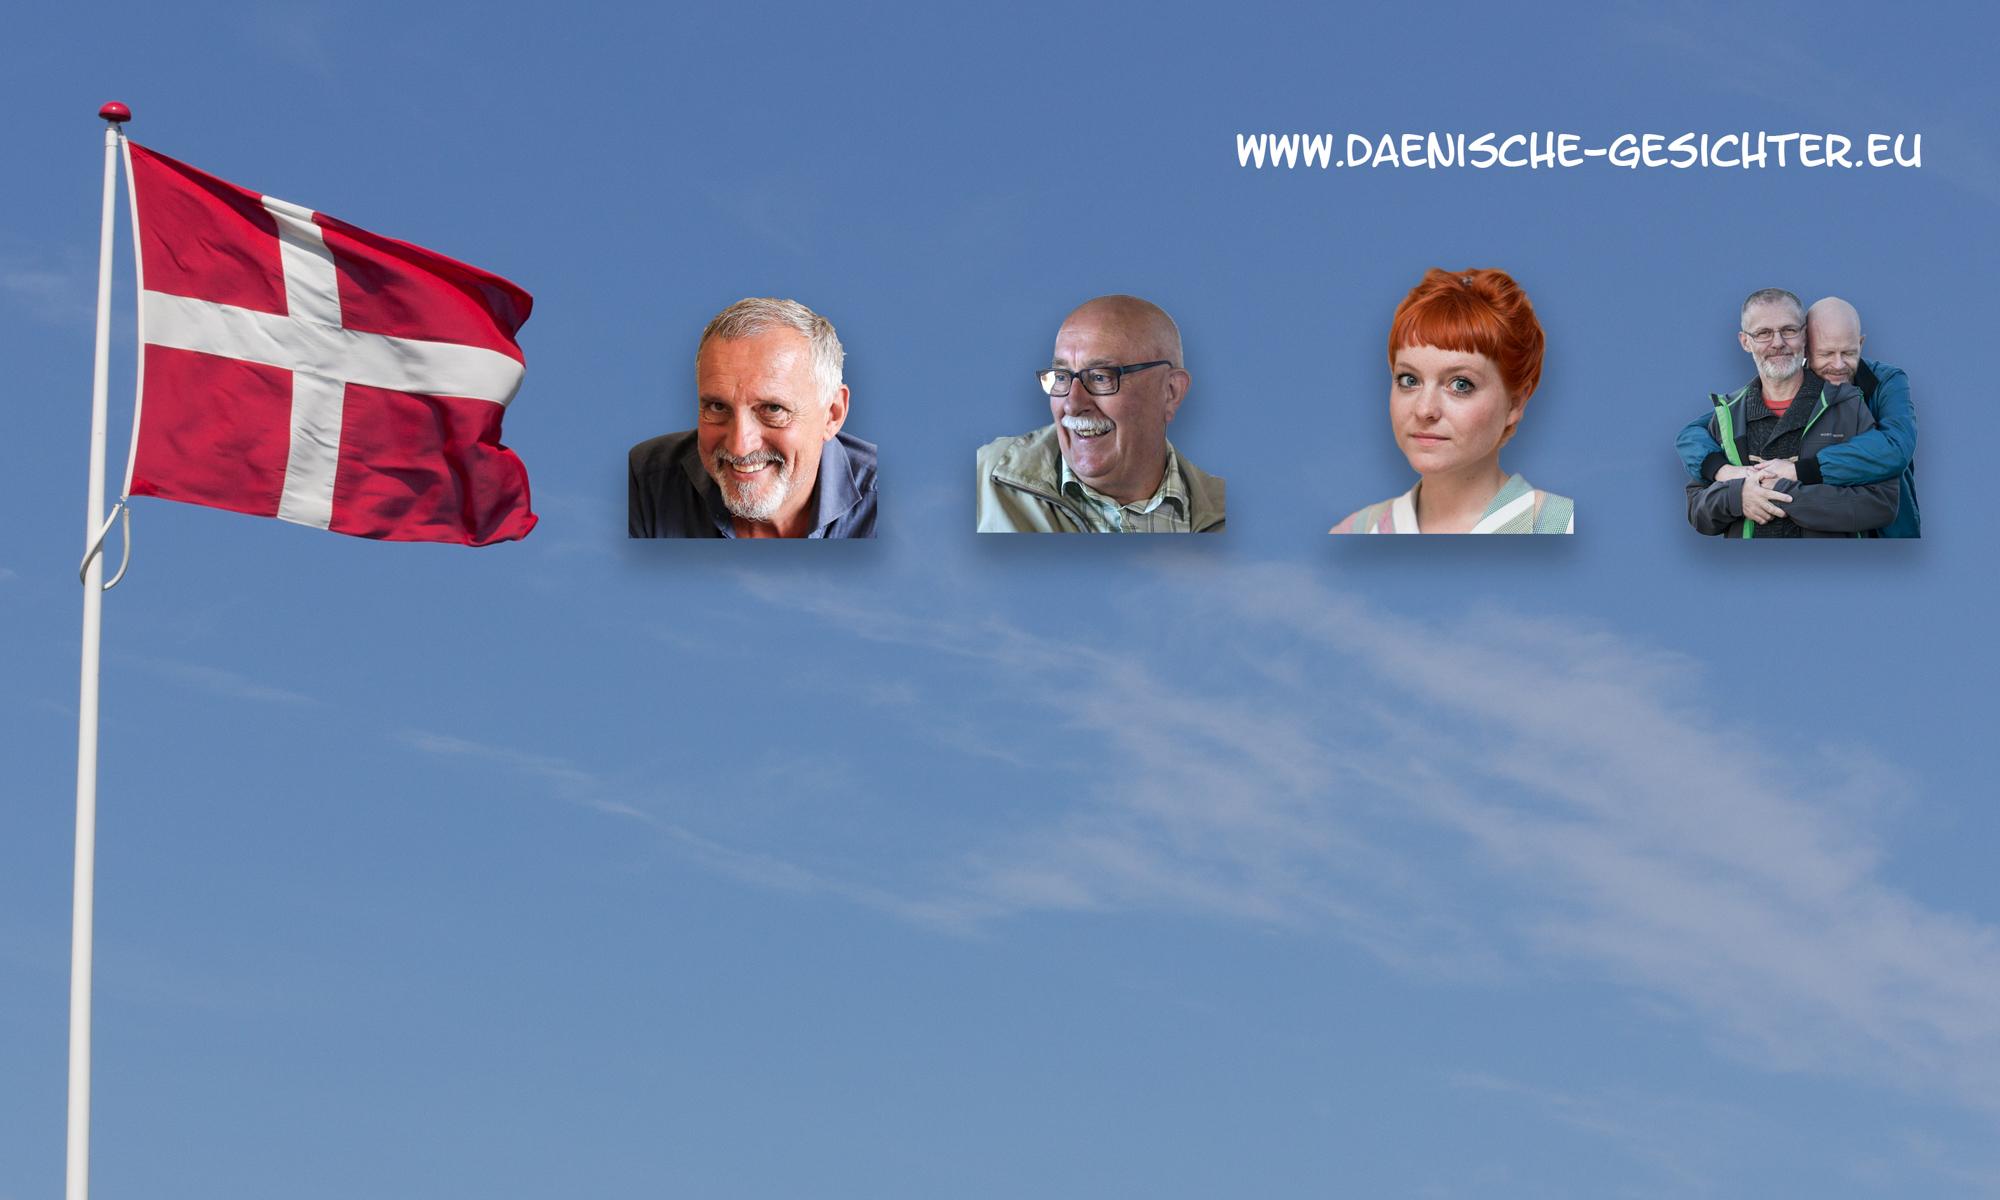 Dänische Gesichter - Land & Leute